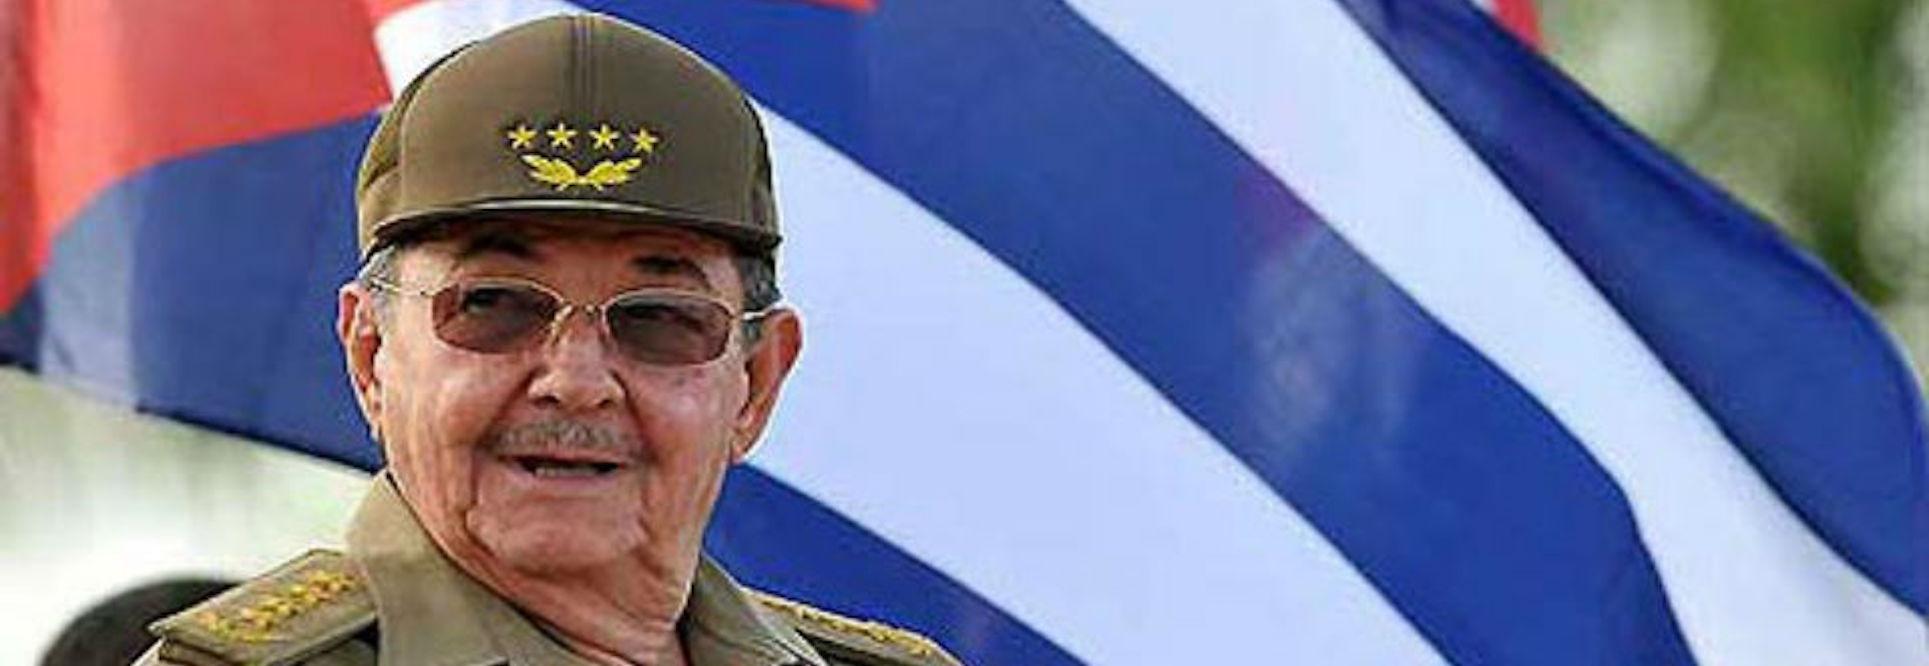 A Cuba without Castro?